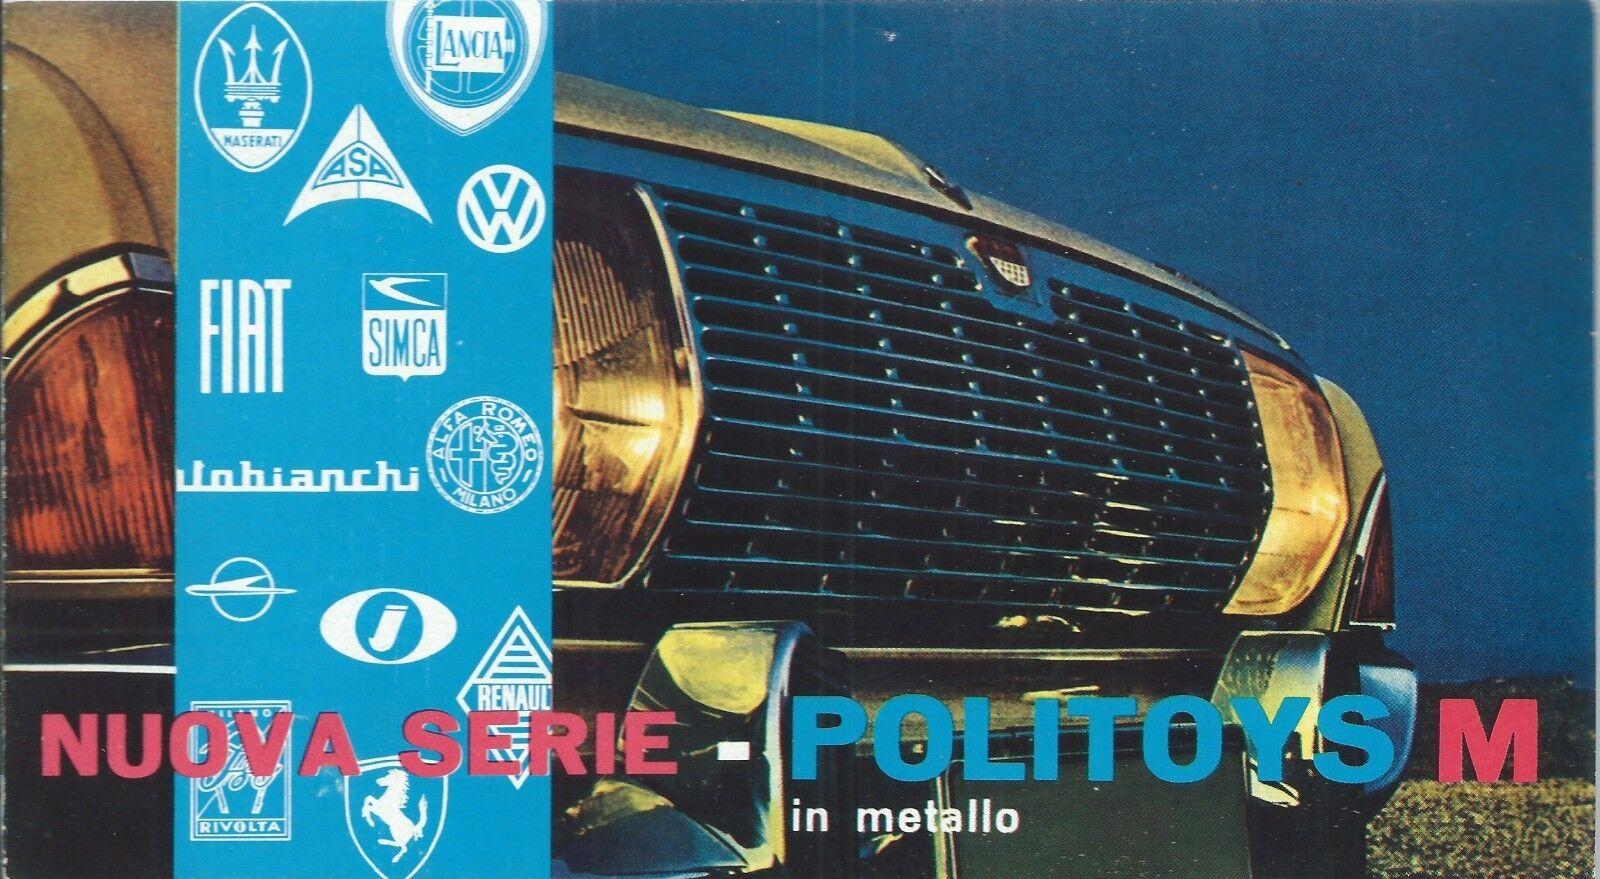 Politoys M - Depliant Catalogo Nuova serie in Metallo anni '60 - Microminiature